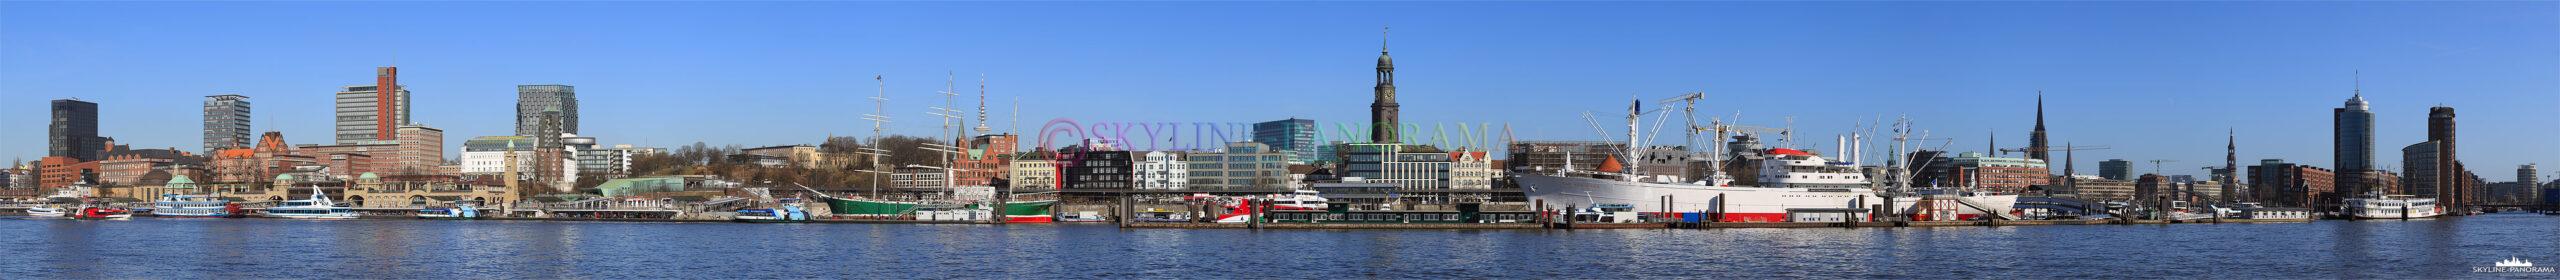 Bilder aus Hamburg - Panorama der Hamburger Skyline mit den Landungsbrücken, Hafencity und Speicherstadt.